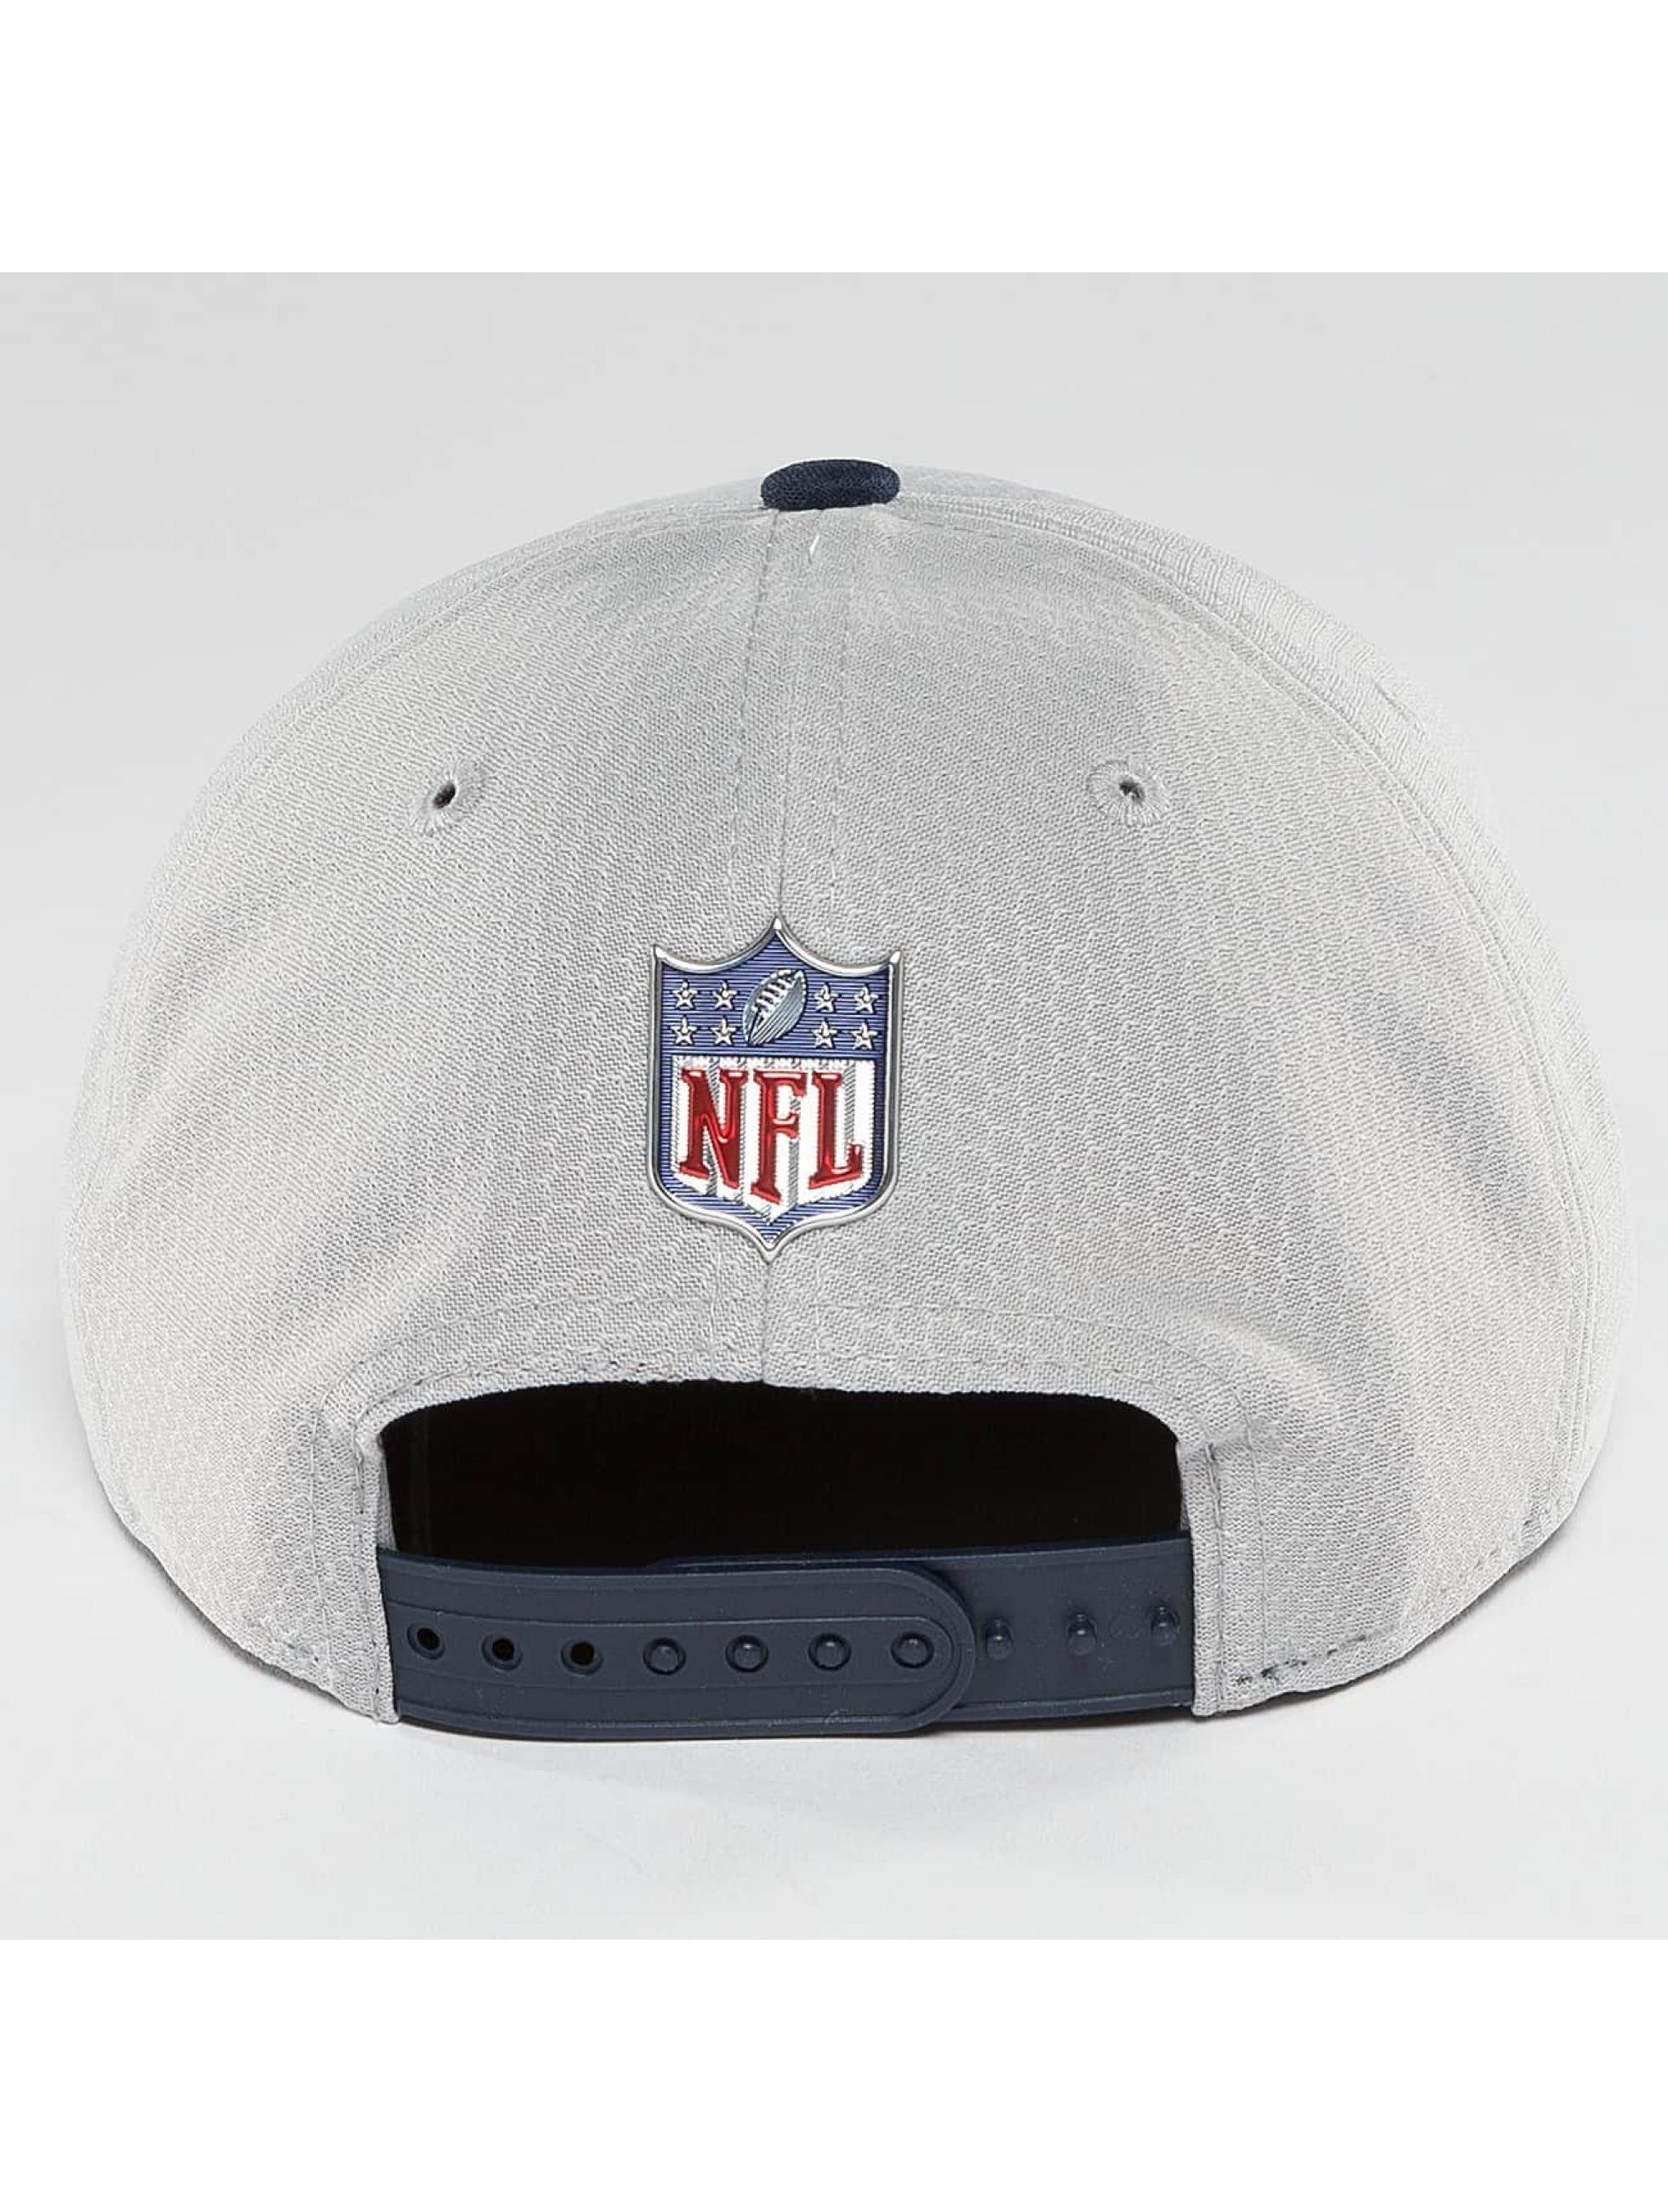 New Era Snapback Caps NFL On Field New England Patriots szary